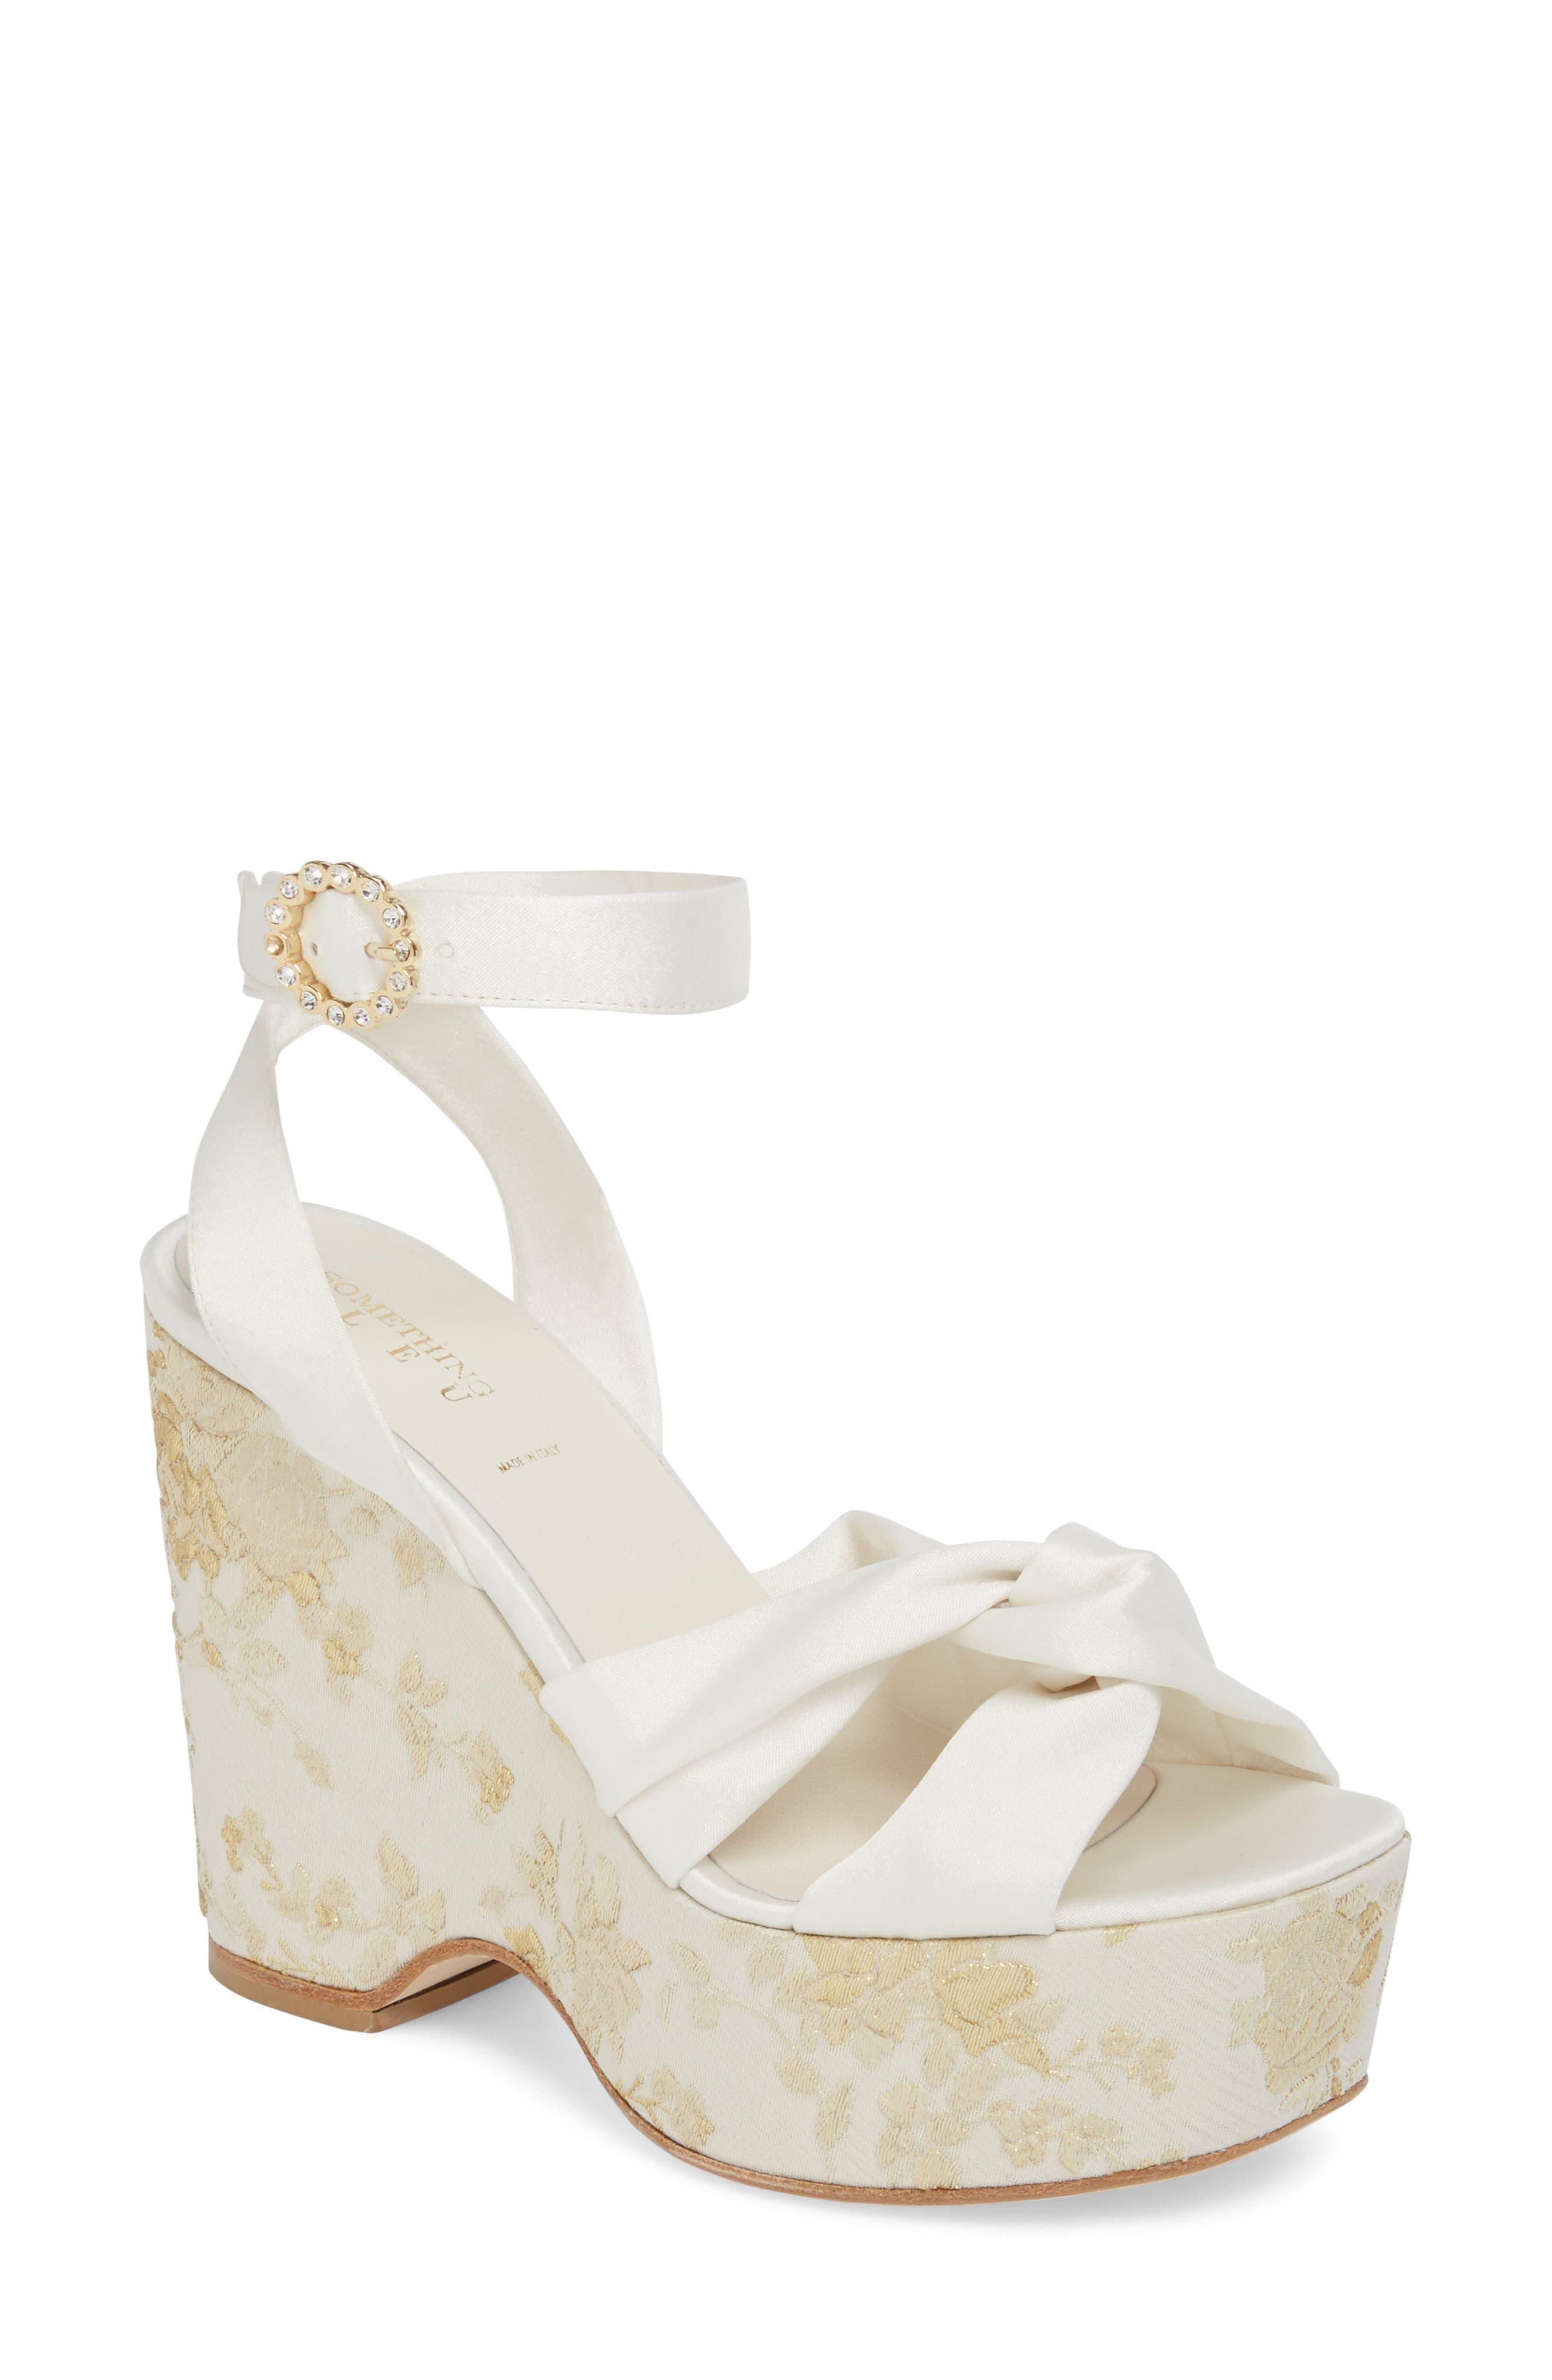 Serena Brocade Platform Sandal,                             Main thumbnail 4, color,